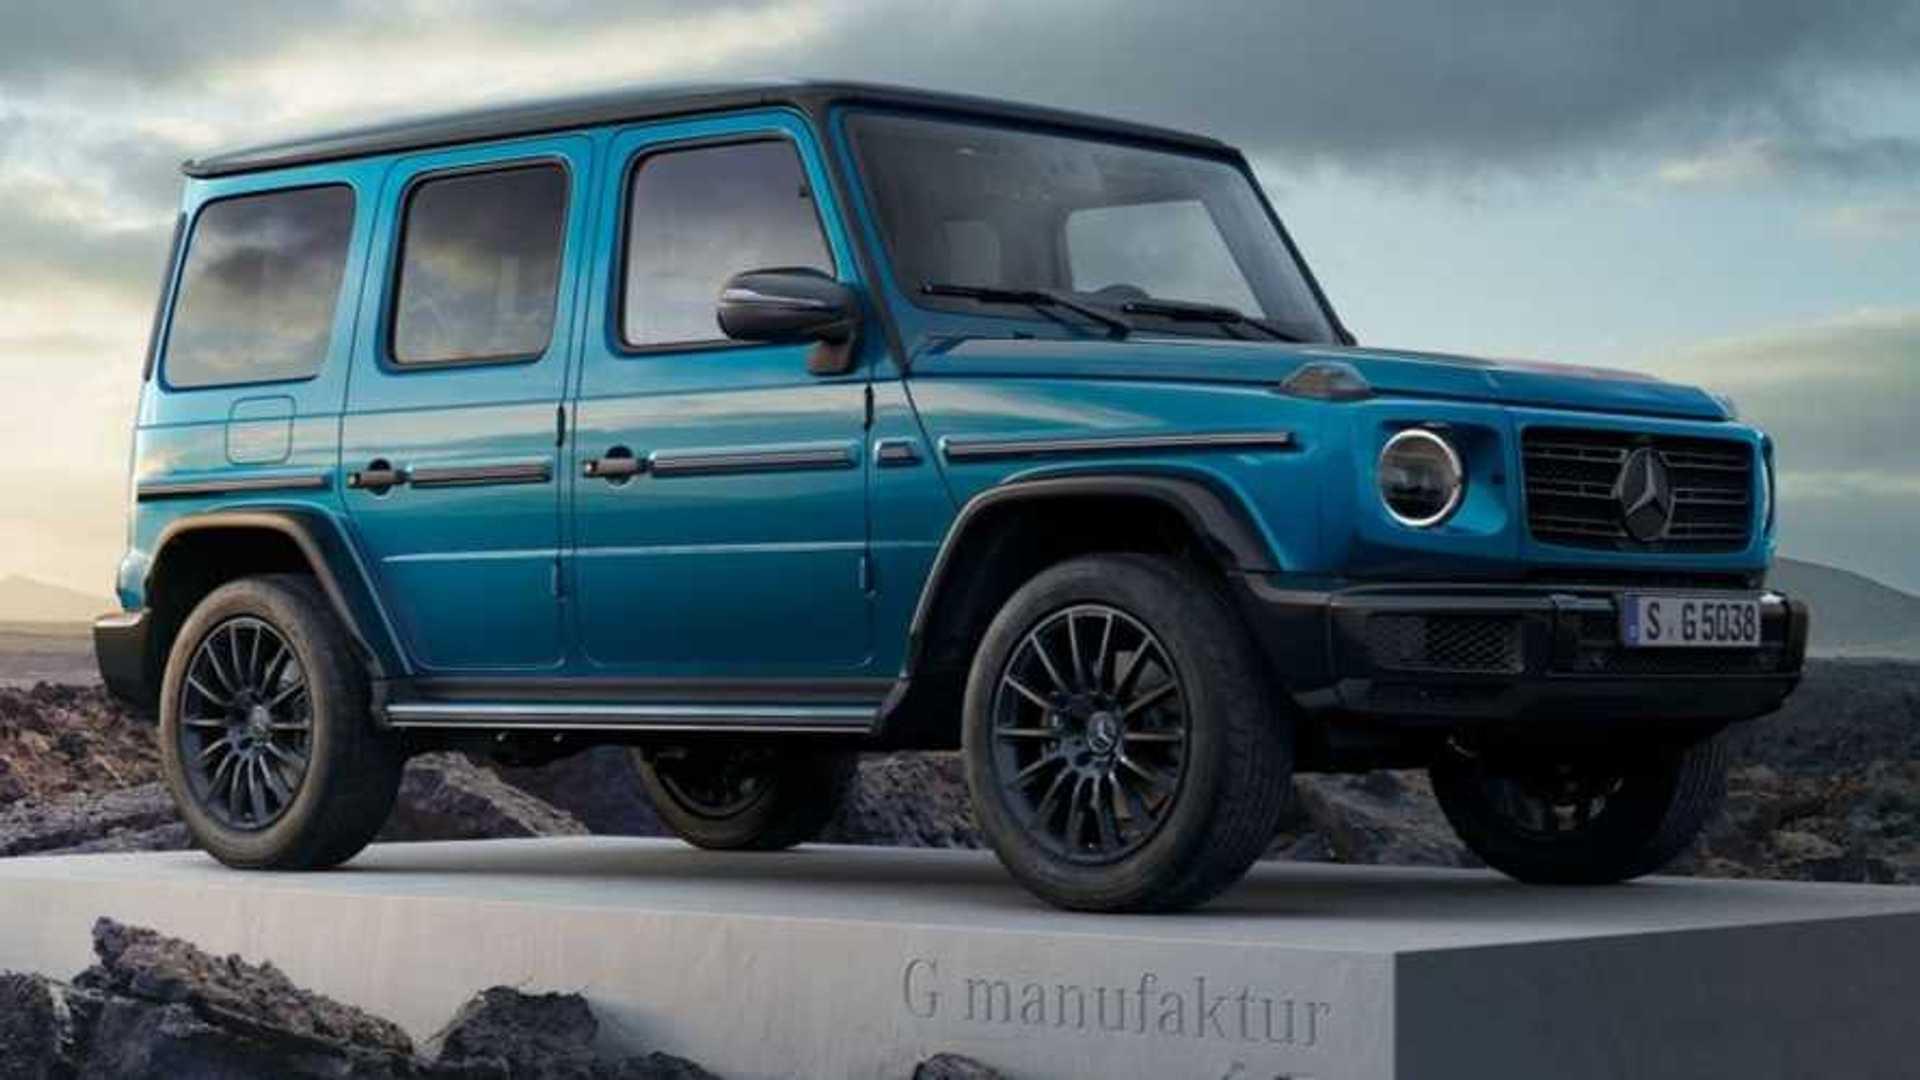 Mercedes G Manufaktur Lets You Create